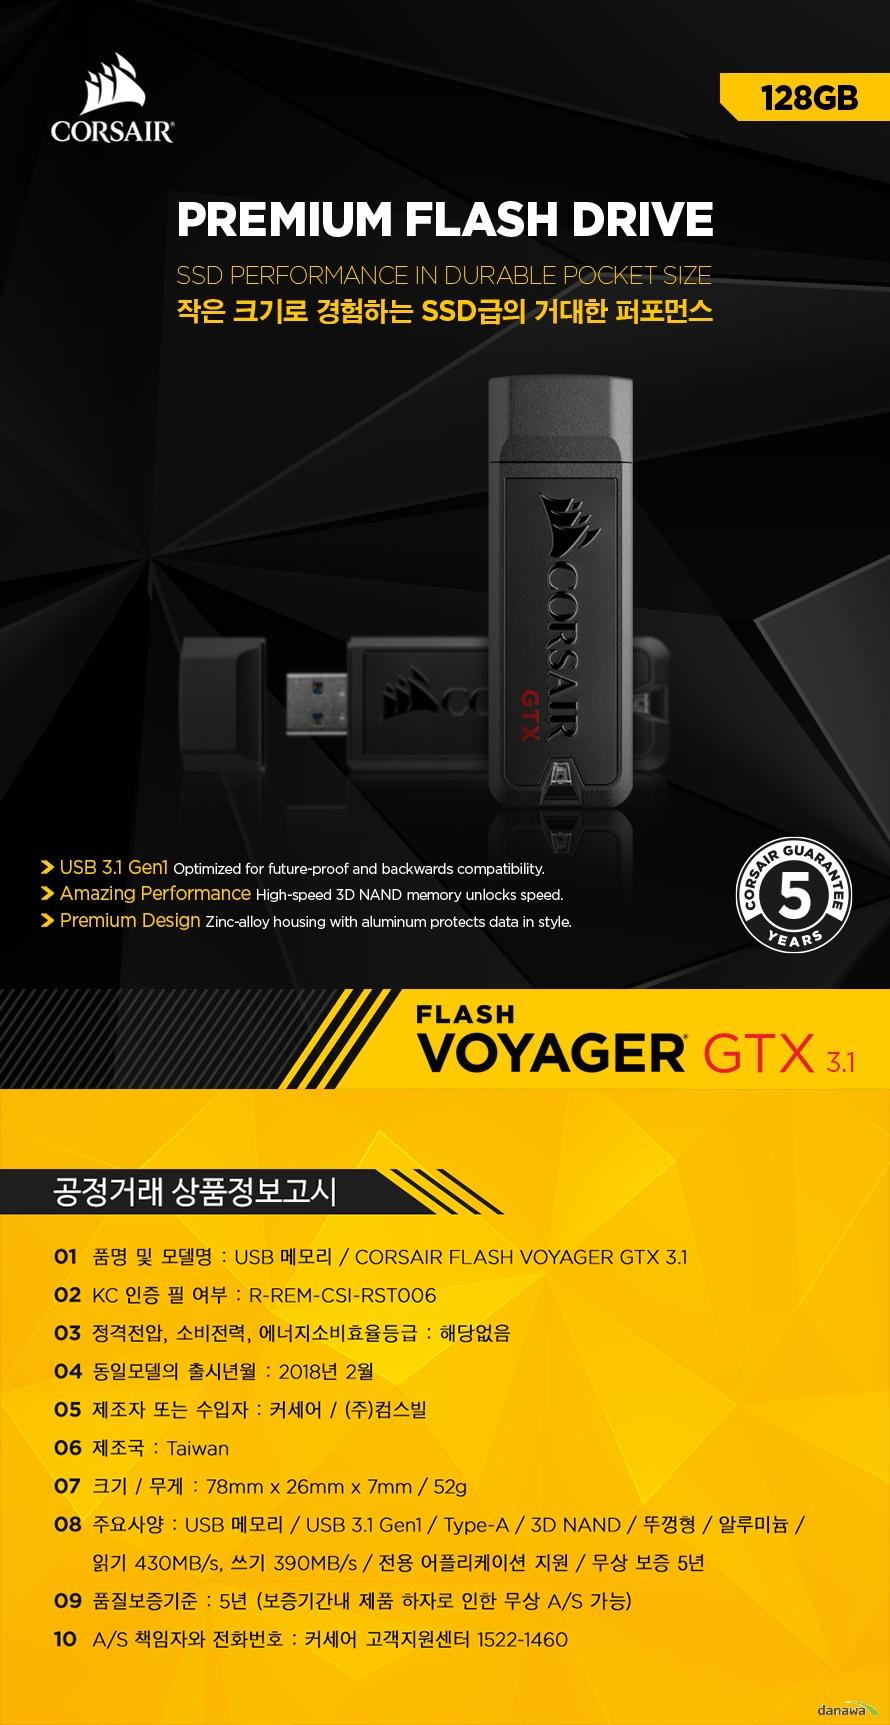 CORSAIR UFD Flash Voyager GTX 3.1